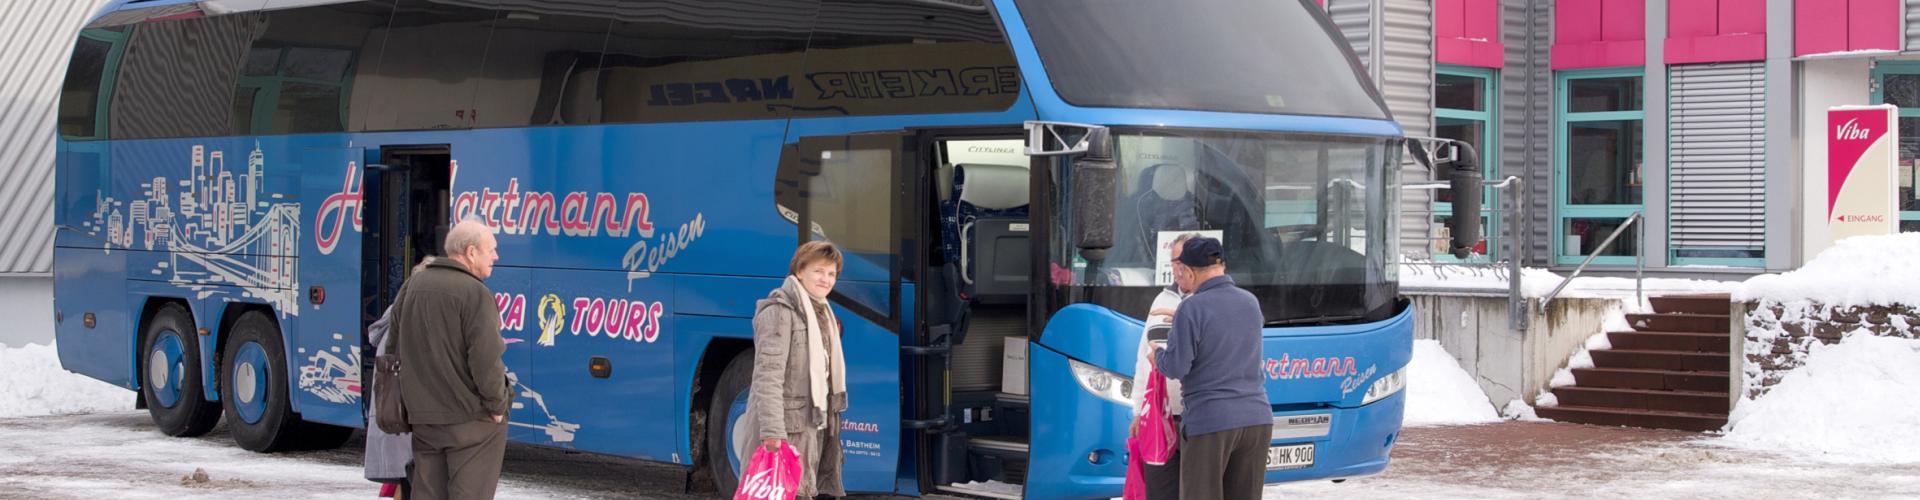 ONKA-TOURS Busreisen in Deutschland